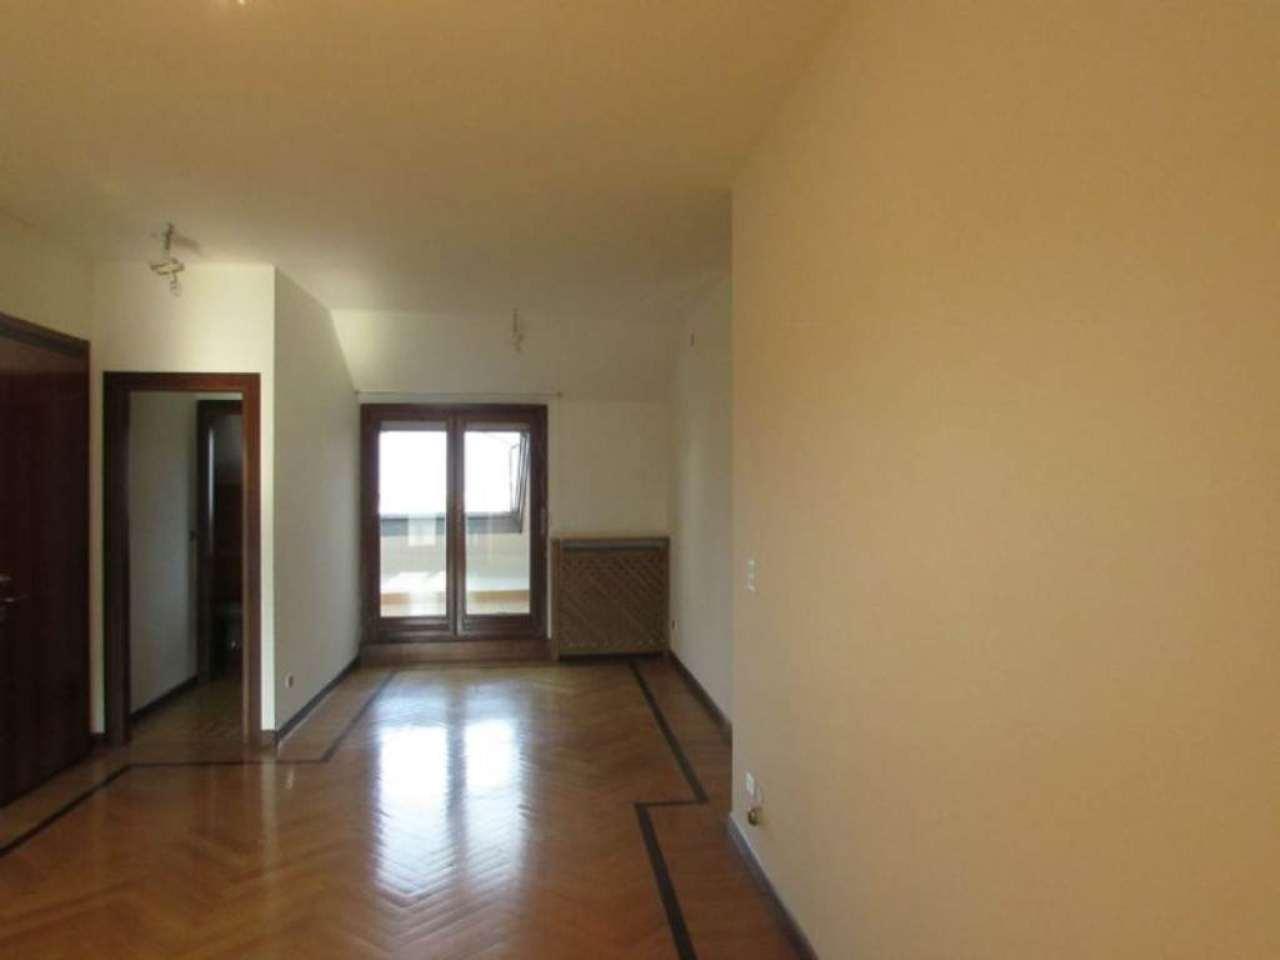 Appartamento in vendita a Belluno, 2 locali, prezzo € 190.000 | Cambio Casa.it